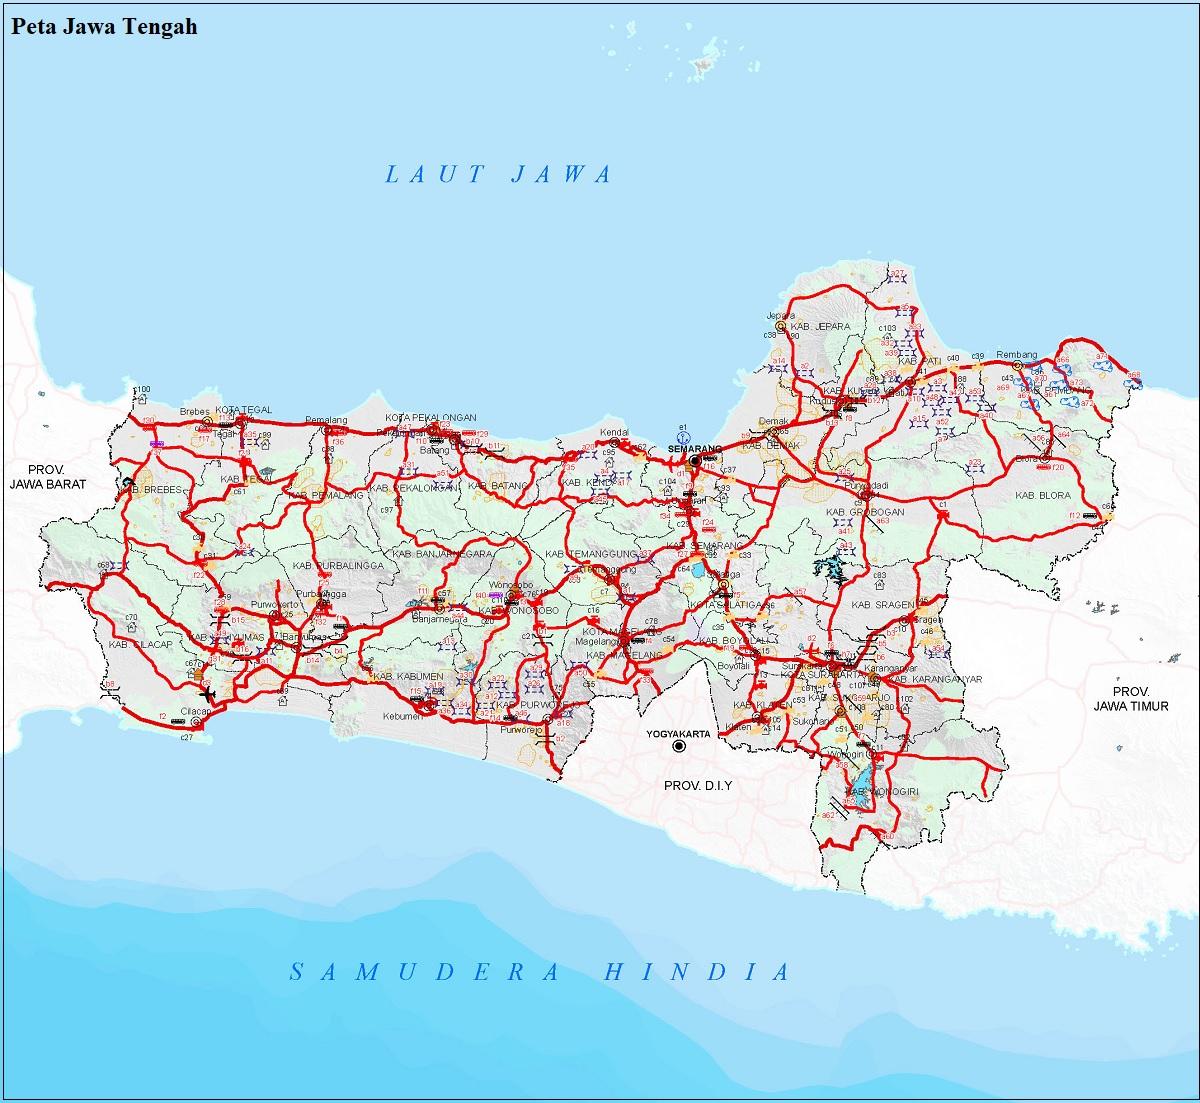 Peta Jalan di Provinsi Jawa Tengah